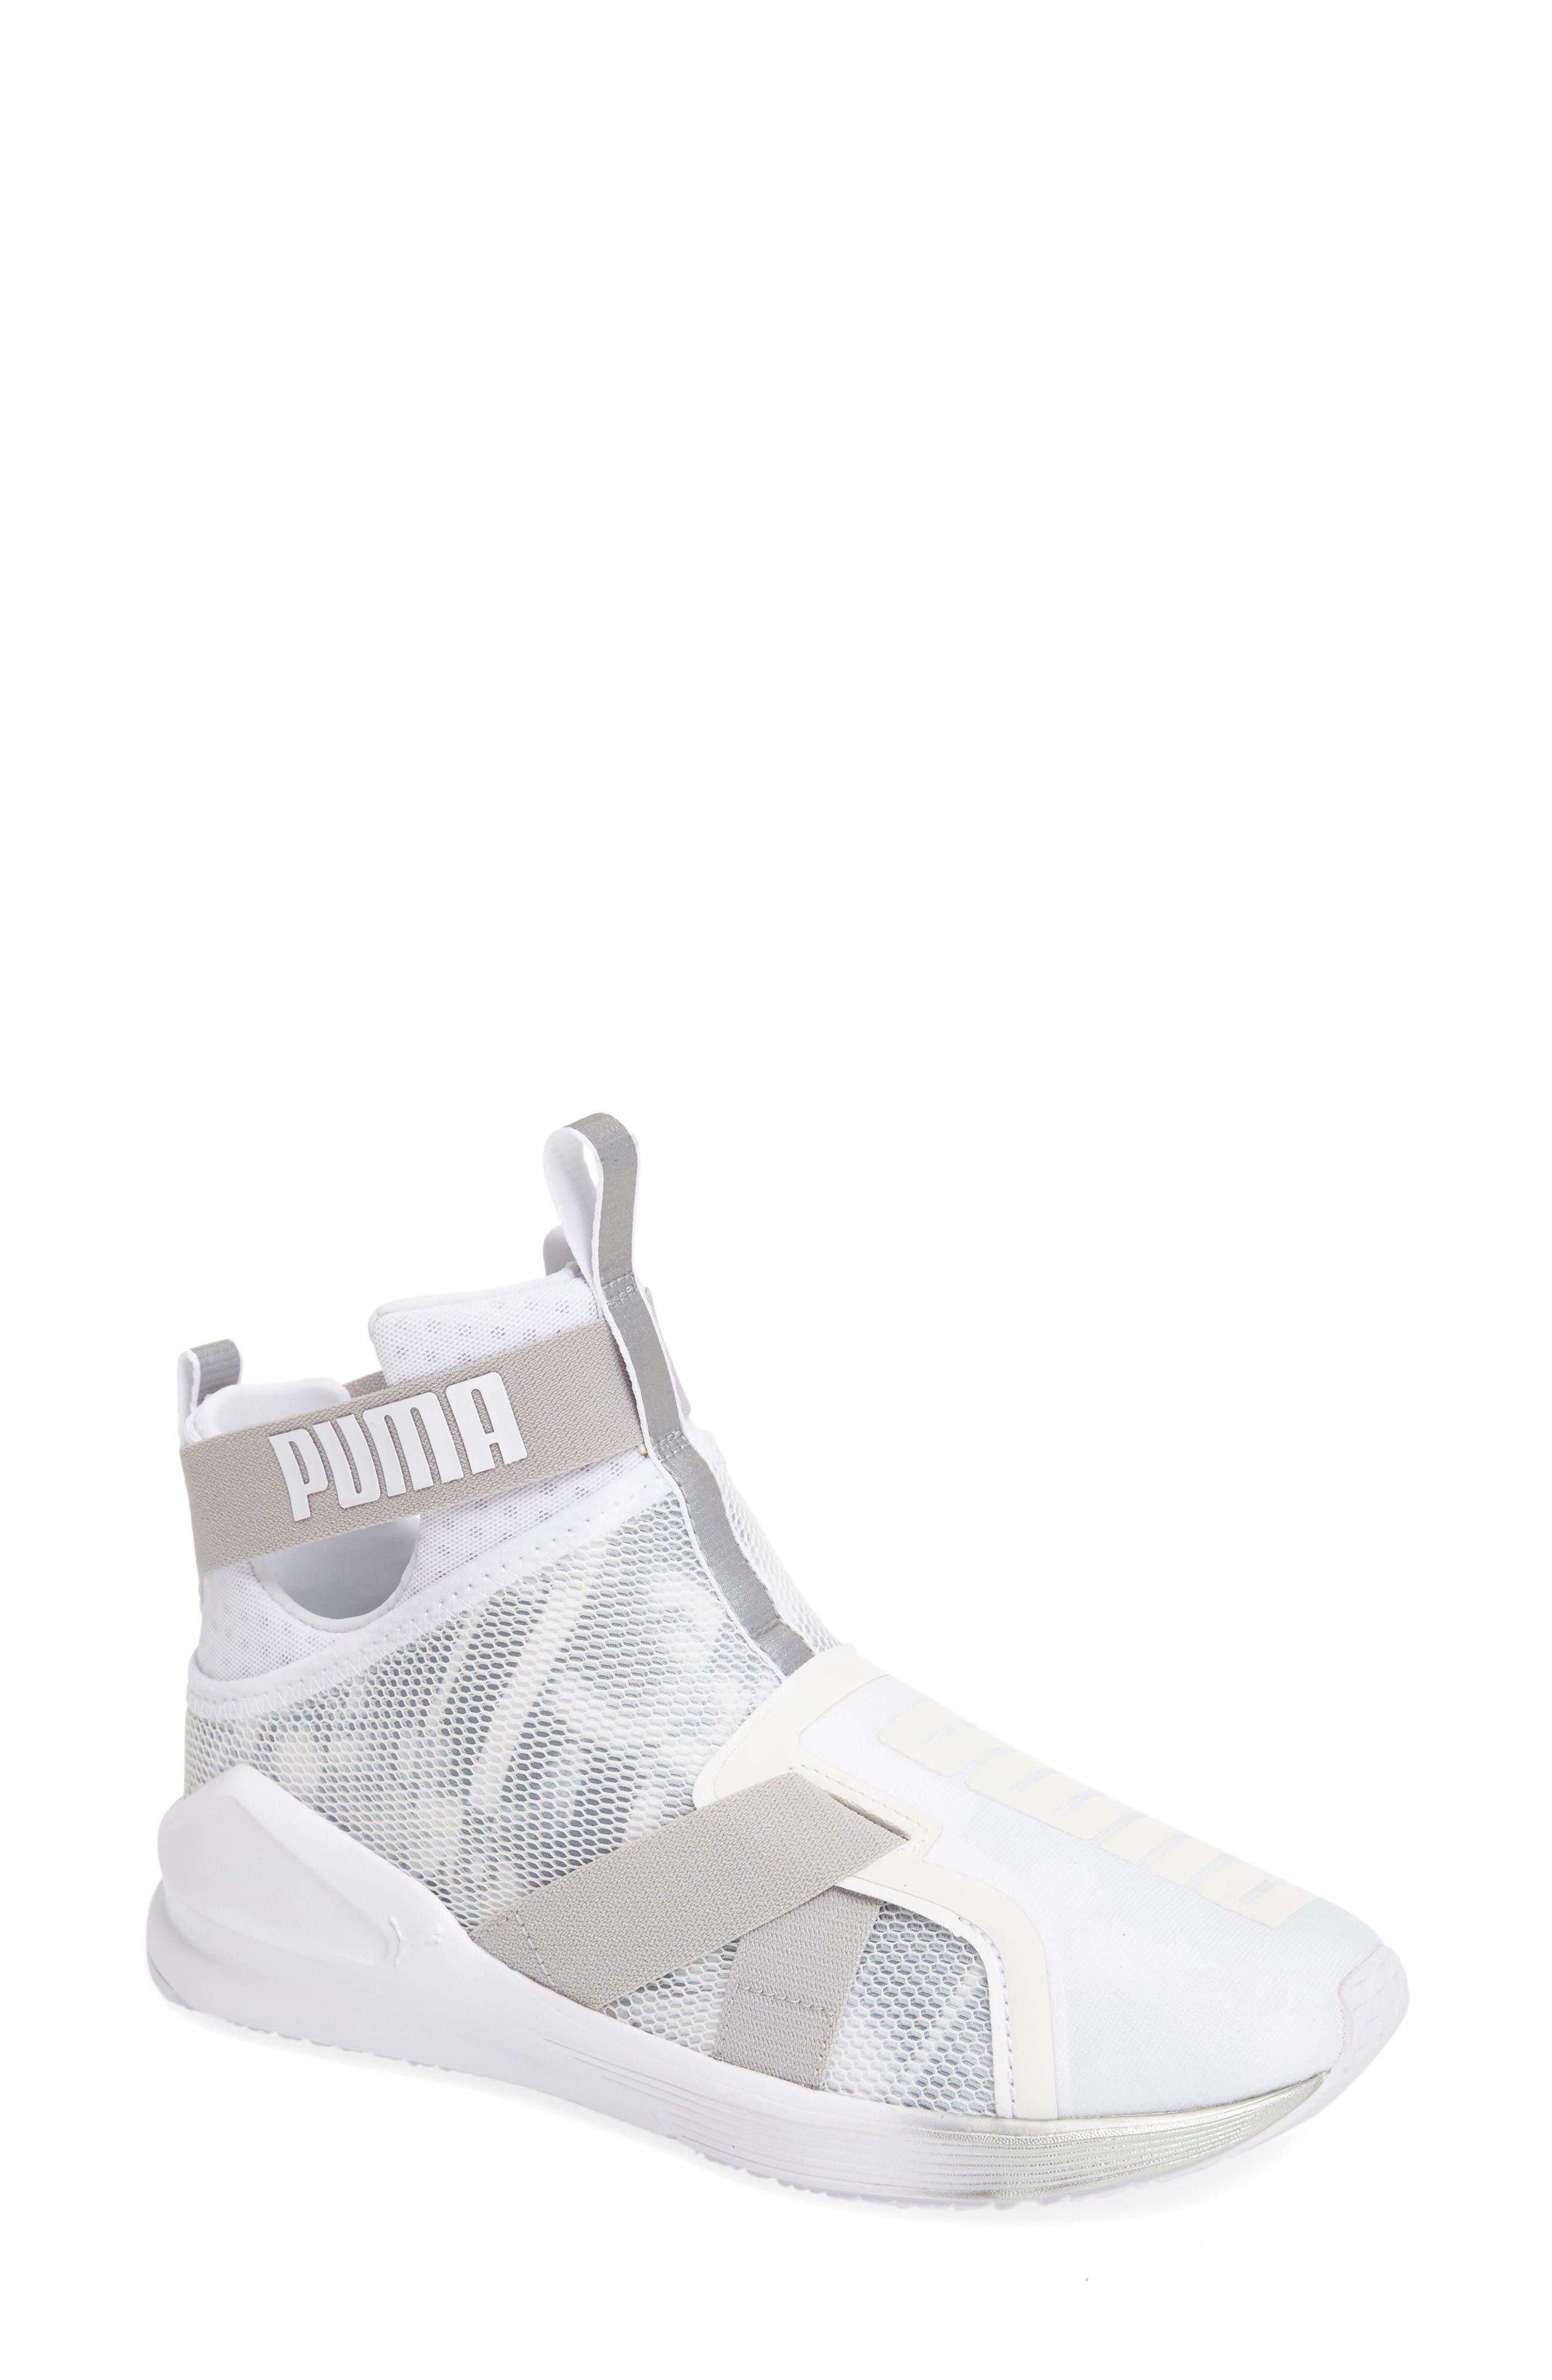 PUMA Fierce Strap Swan Training Sneaker (Women)